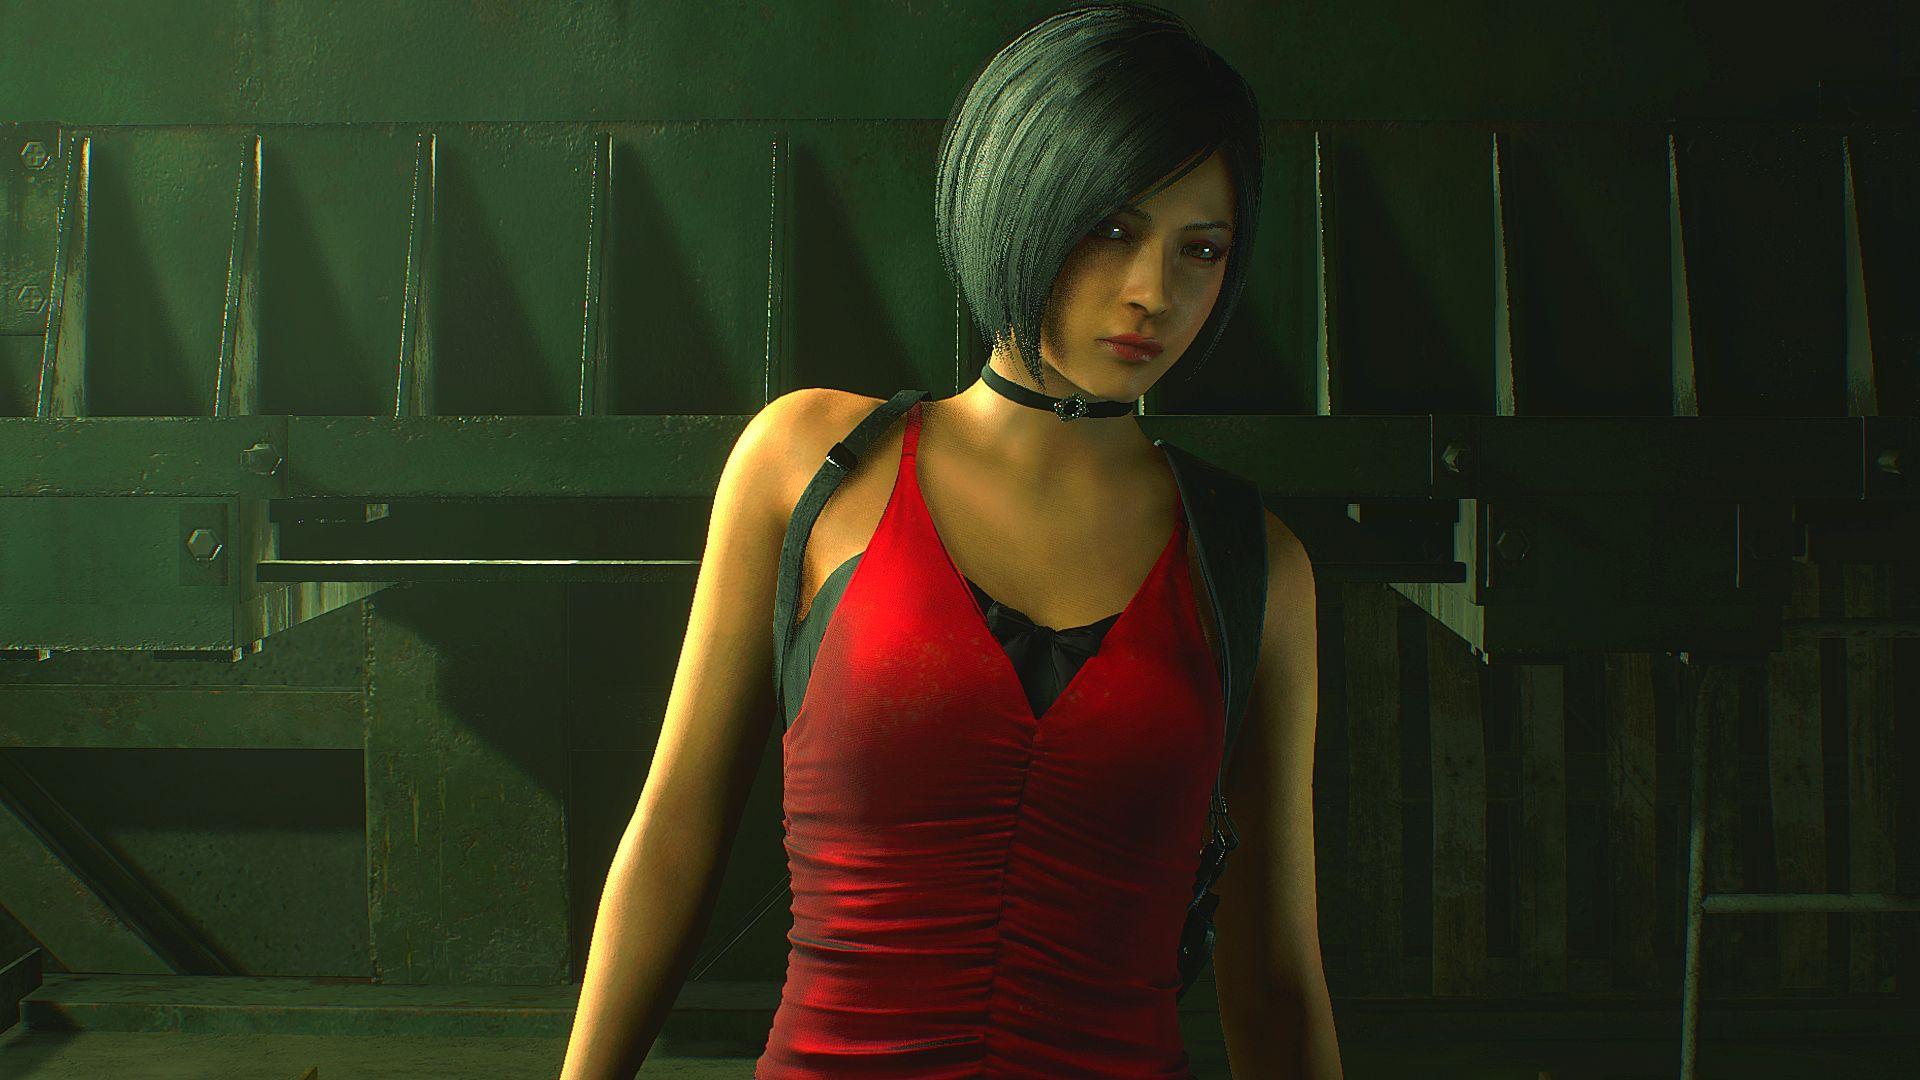 000158.Jpg - Resident Evil 2